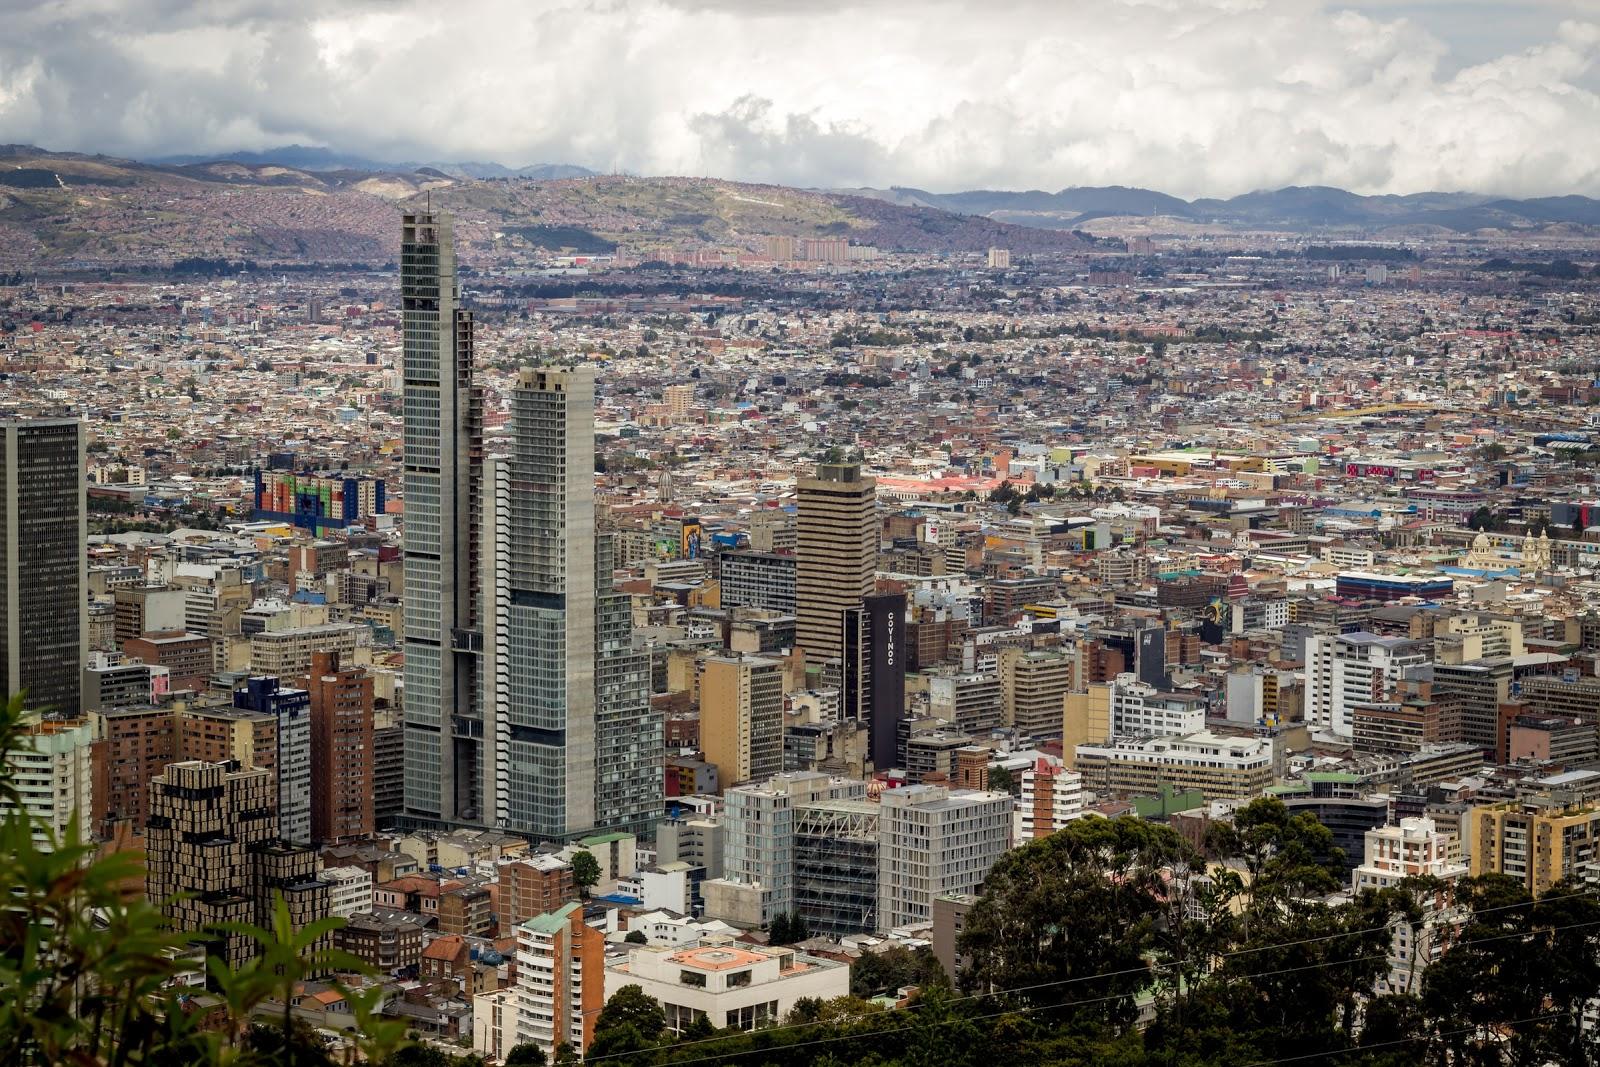 Bogotá realiza debate sobre áreas protegidas para o desenvolvimento sustentável